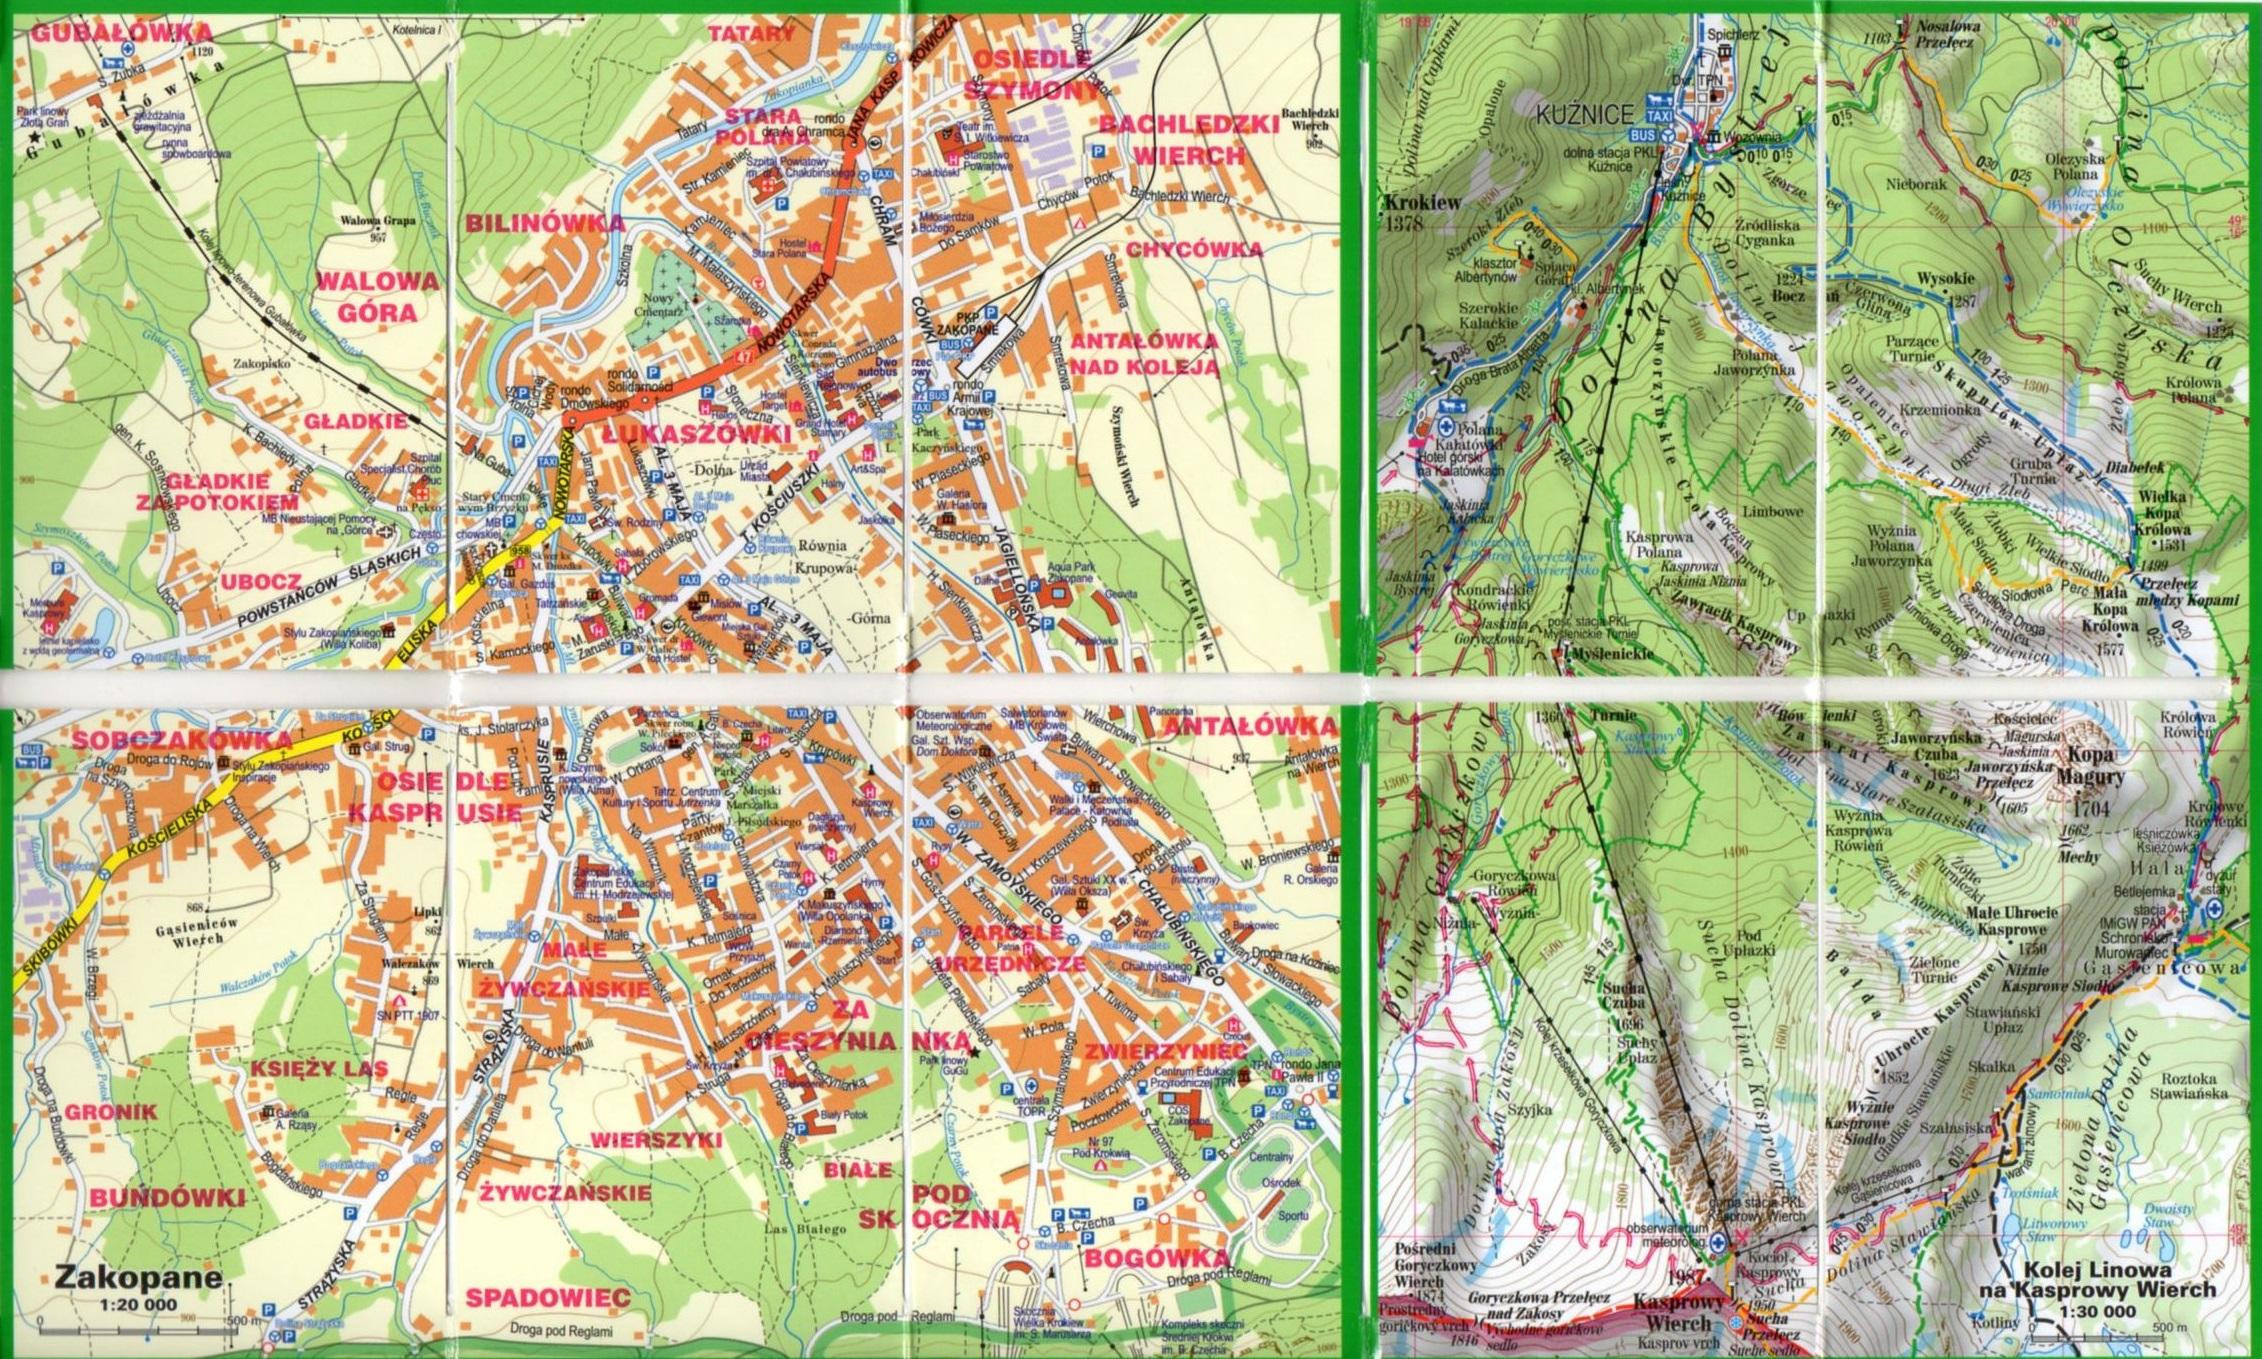 Tatry Laminowana Mapa Turystyczna 1 80 000 Mapa Miniaturowa Expressmap